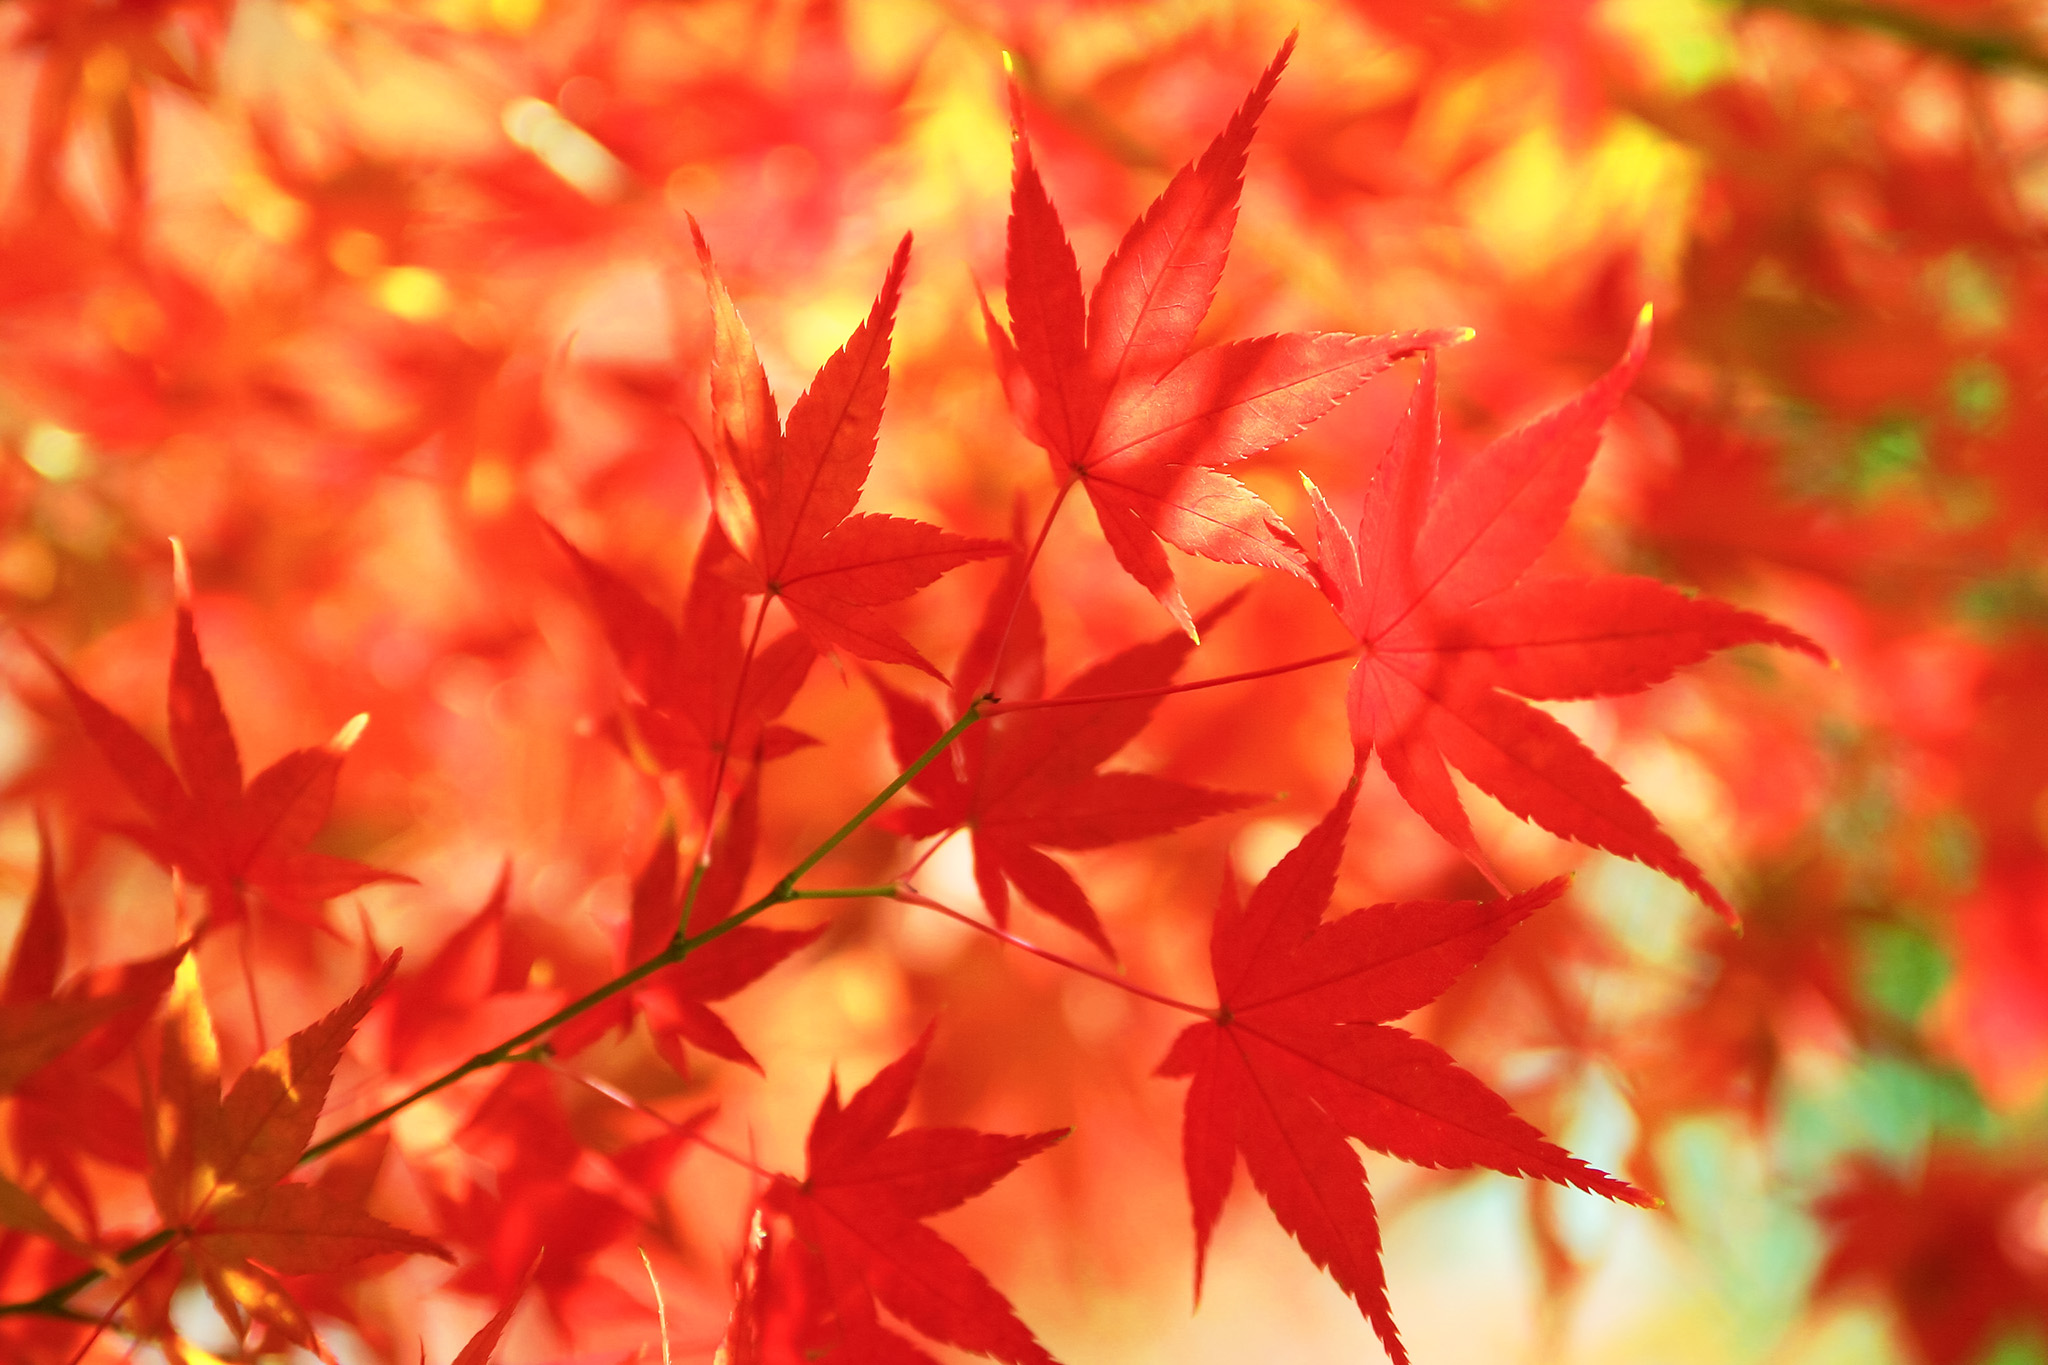 「燃えるような真赤な紅葉」